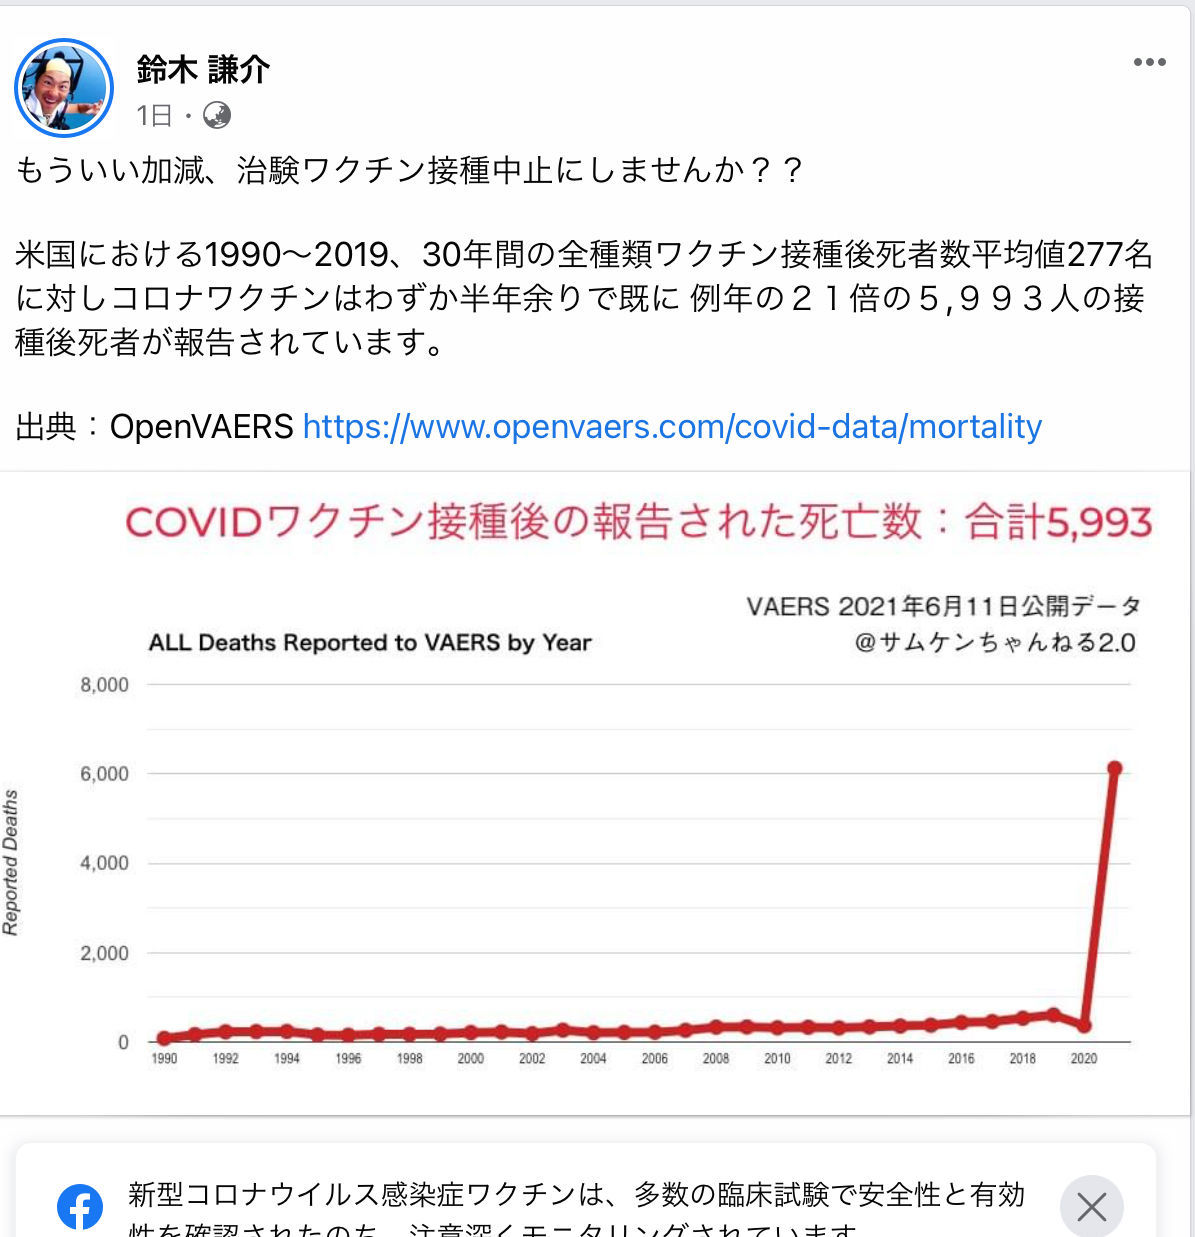 くるみぱん2 💉  https://www.facebook.com/100002872786477/posts/